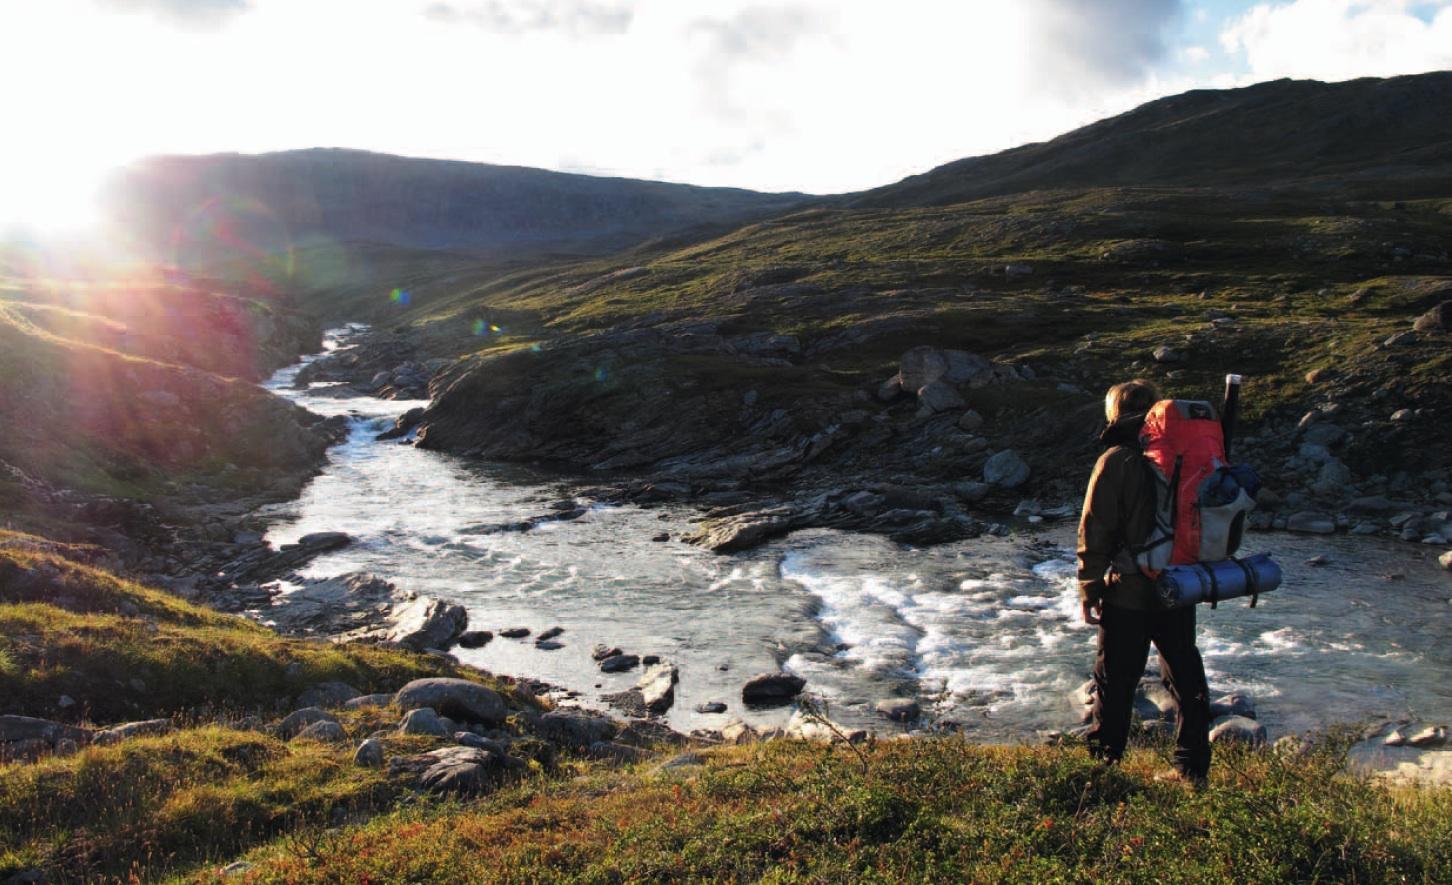 Hakan Stenlund Fluss Wanderer